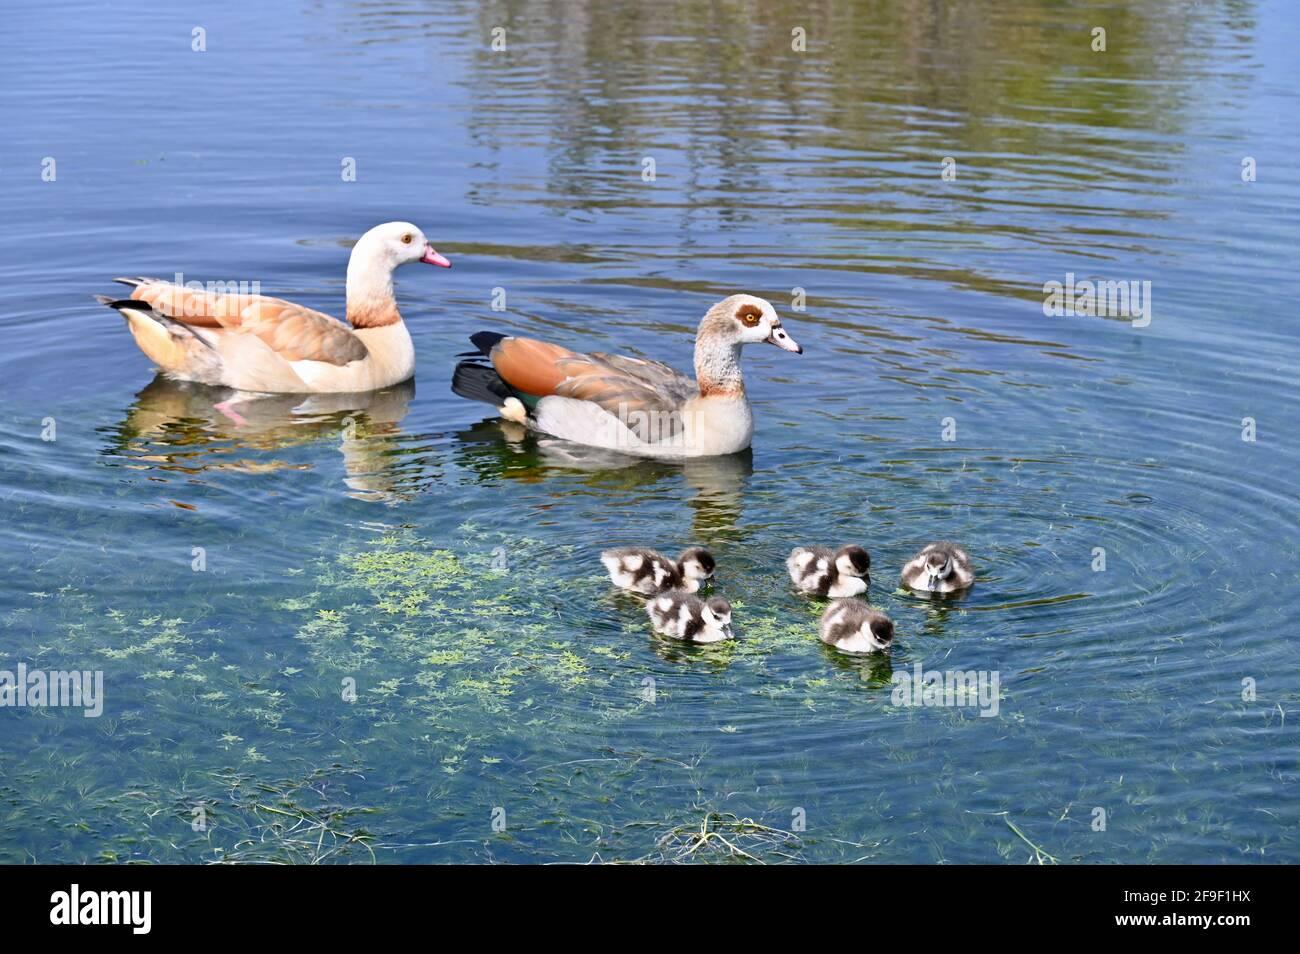 Kent. VEREINIGTES KÖNIGREICH. Ein schöner Tag mit klarem blauen Himmel und Temperaturen bis zu 13 Grad. Ägyptische Gänse (Alopochen aegyptiaca) mit Gänsen, River Cray, Foots Cray Meadows, Sidcup, Kent. VEREINIGTES KÖNIGREICH Stockfoto